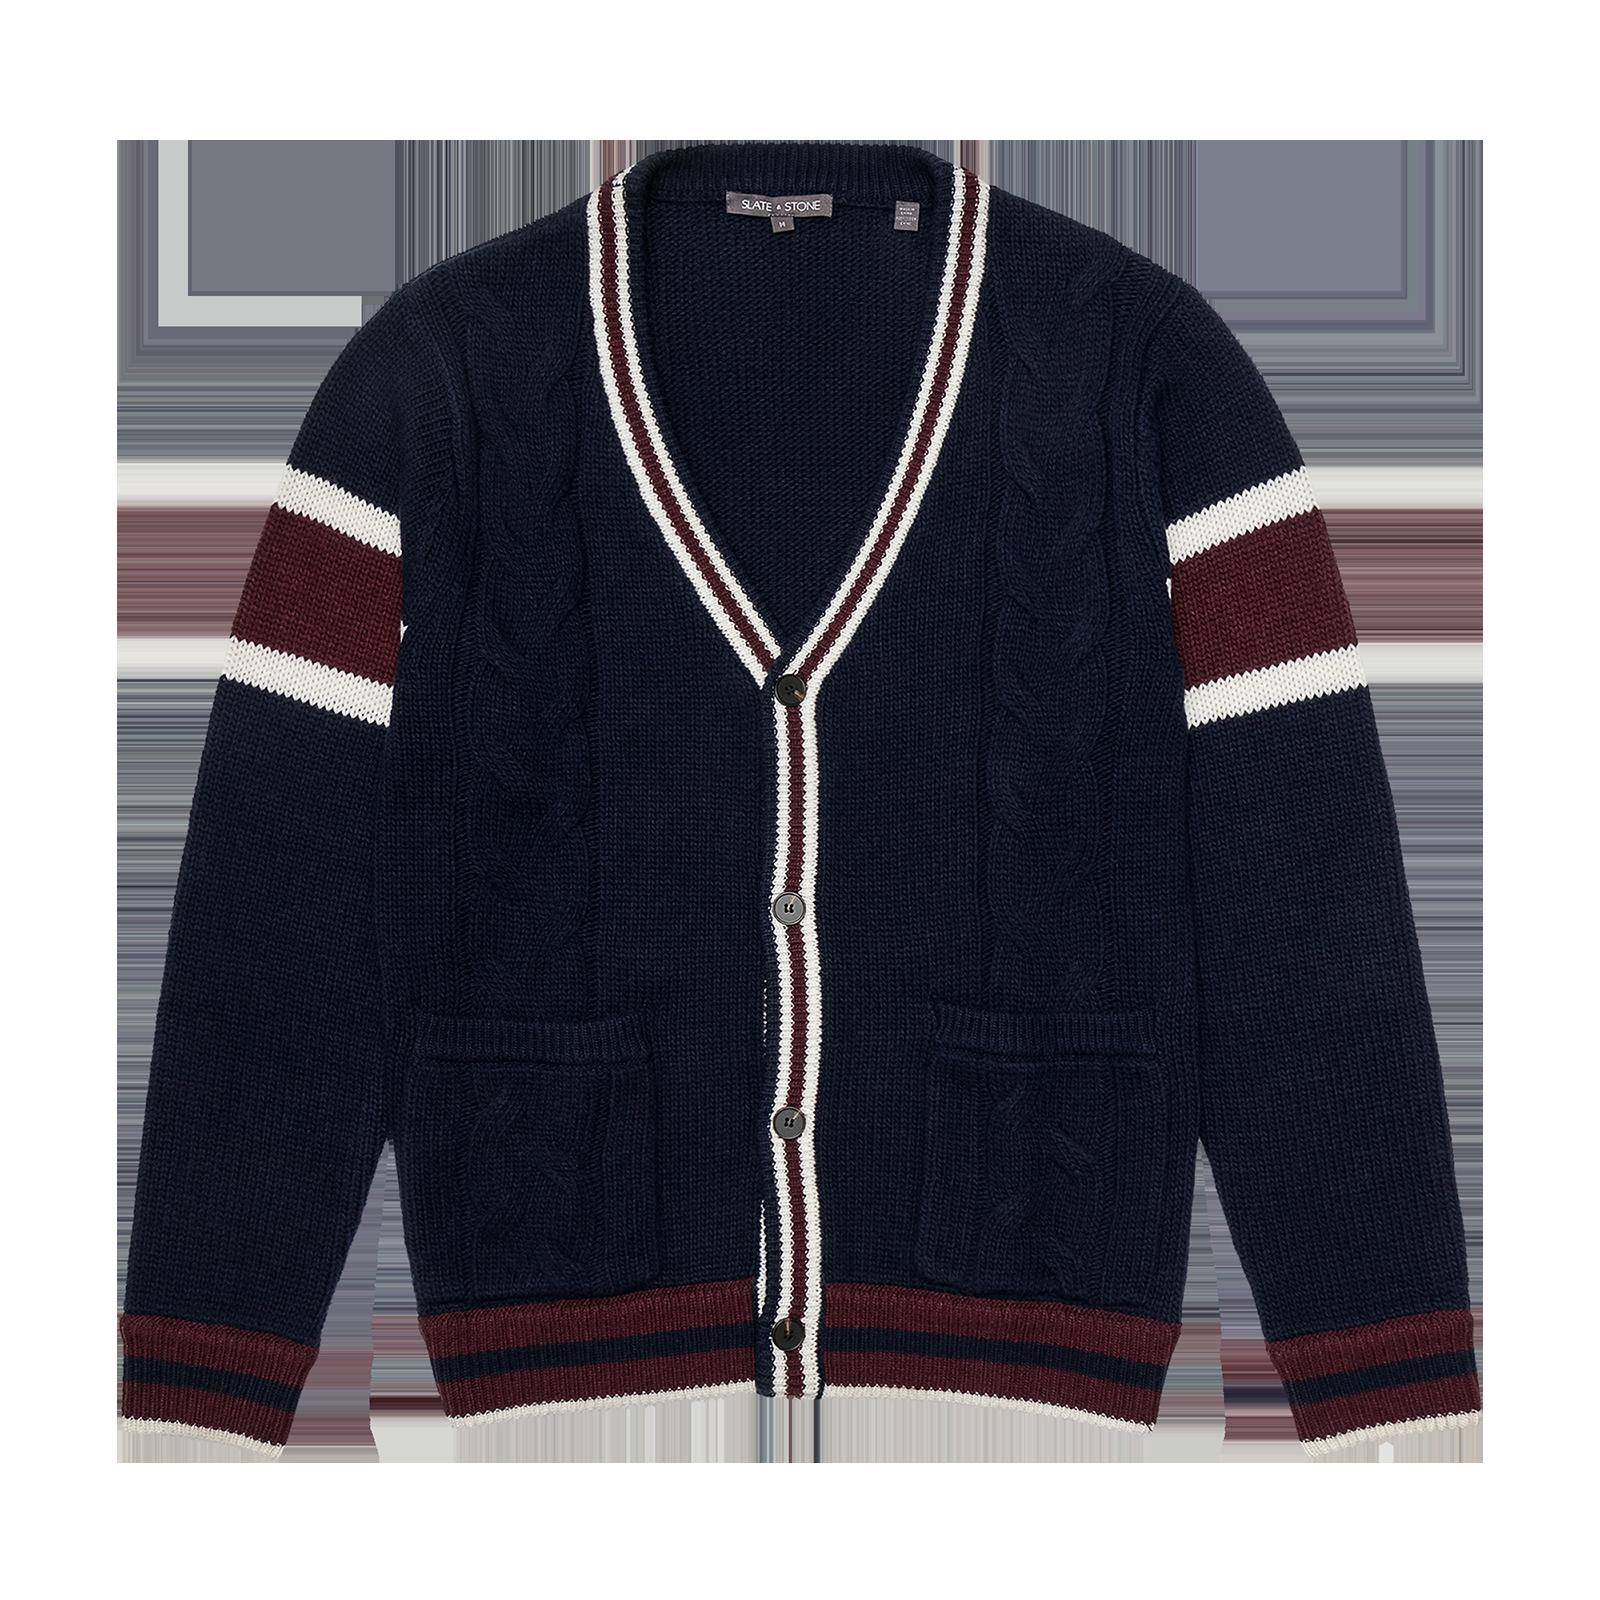 Knit jacket product photo